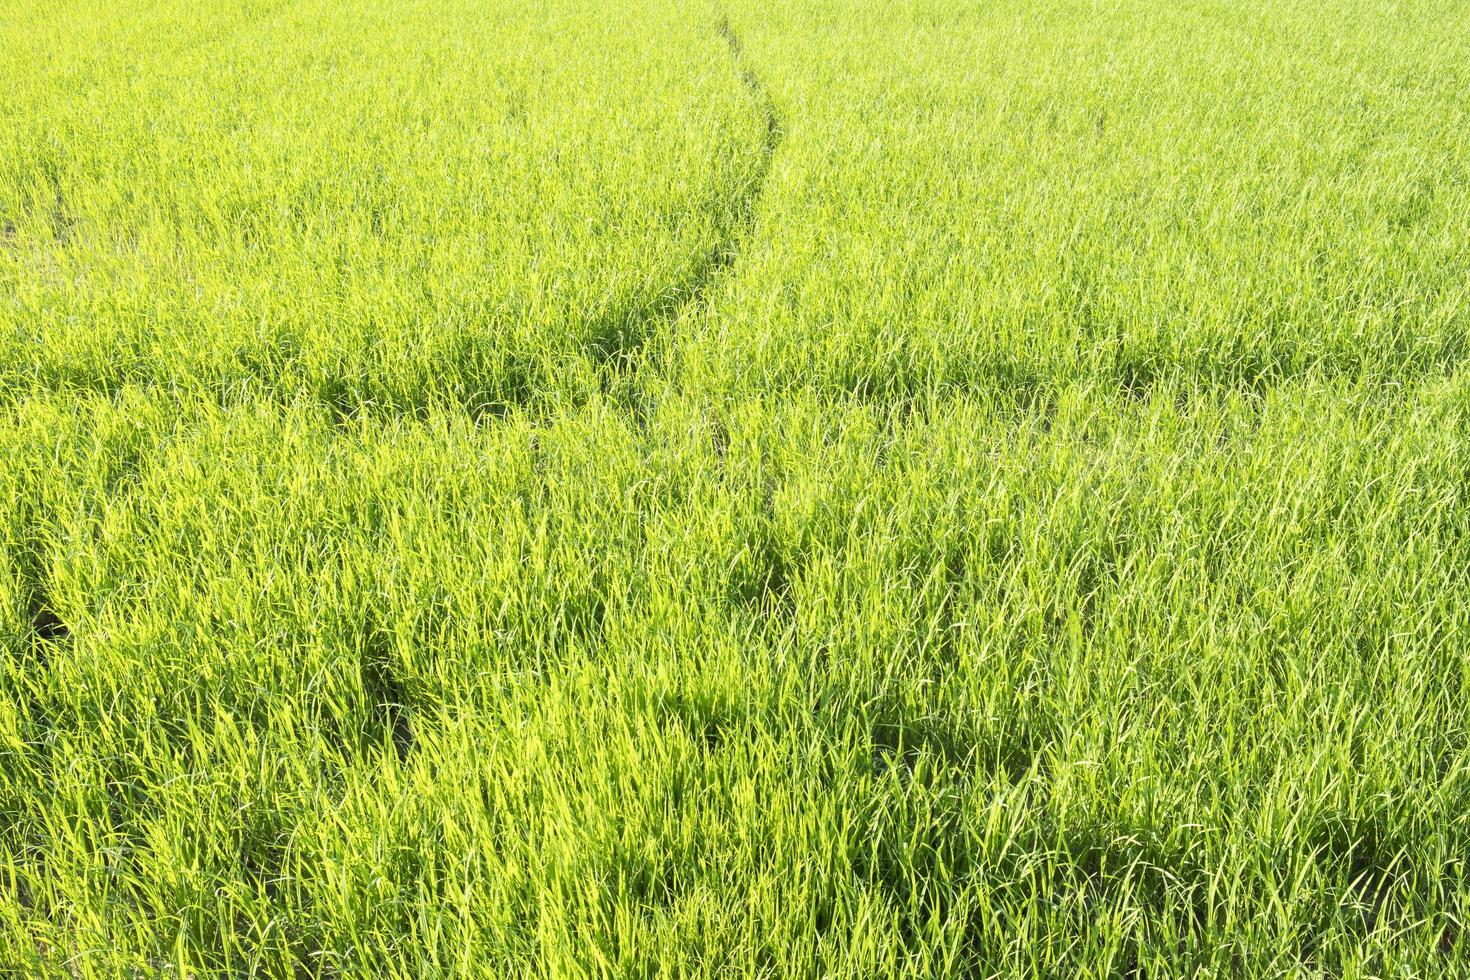 frischer grüner Reisfeldhintergrund foto